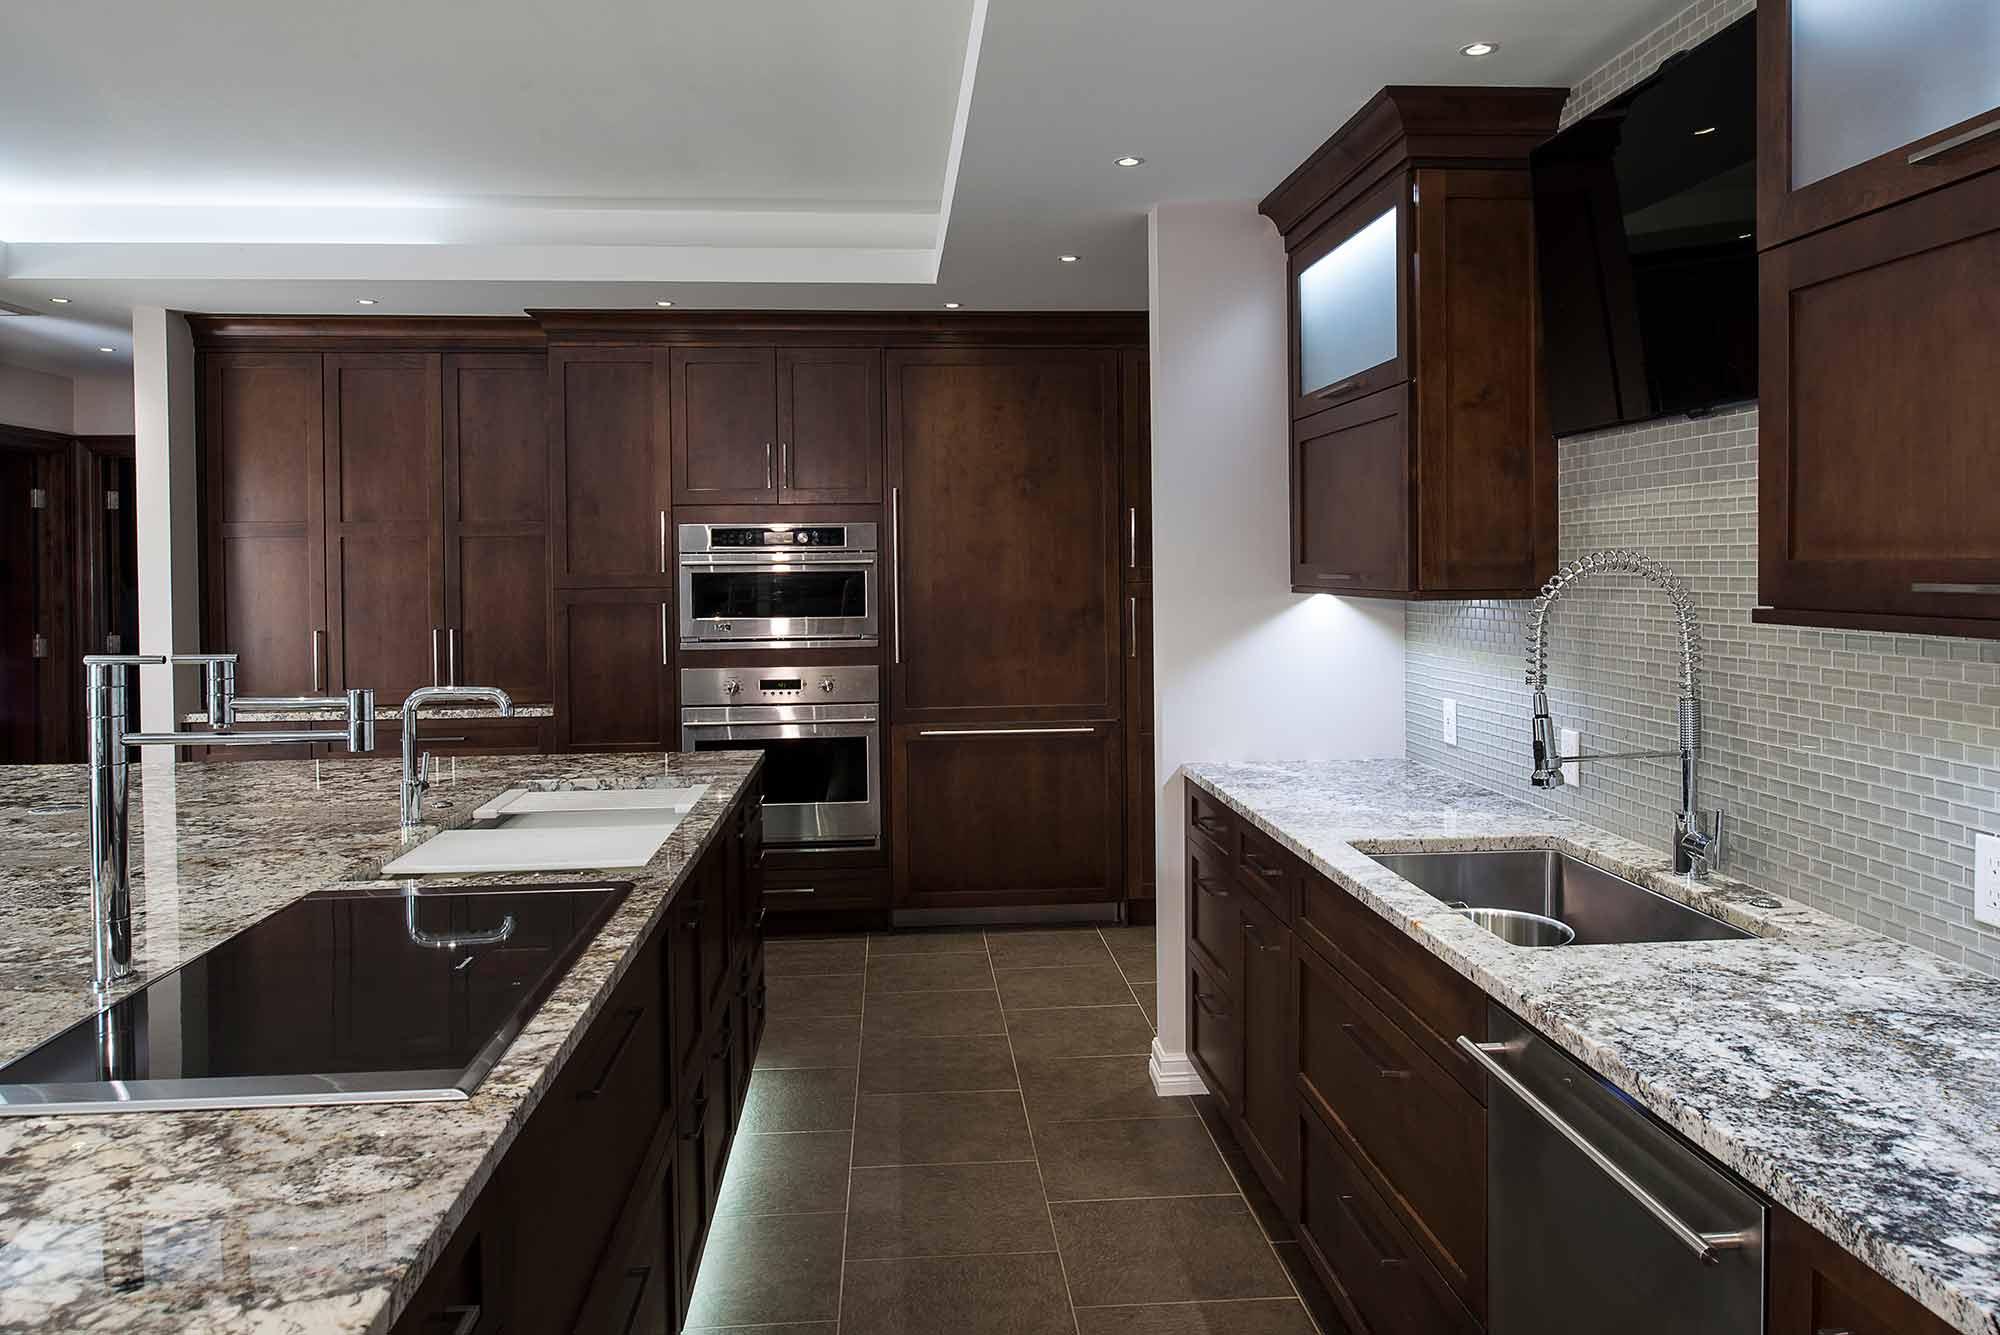 Dark Industrial 7 Handsome and rich kitchen